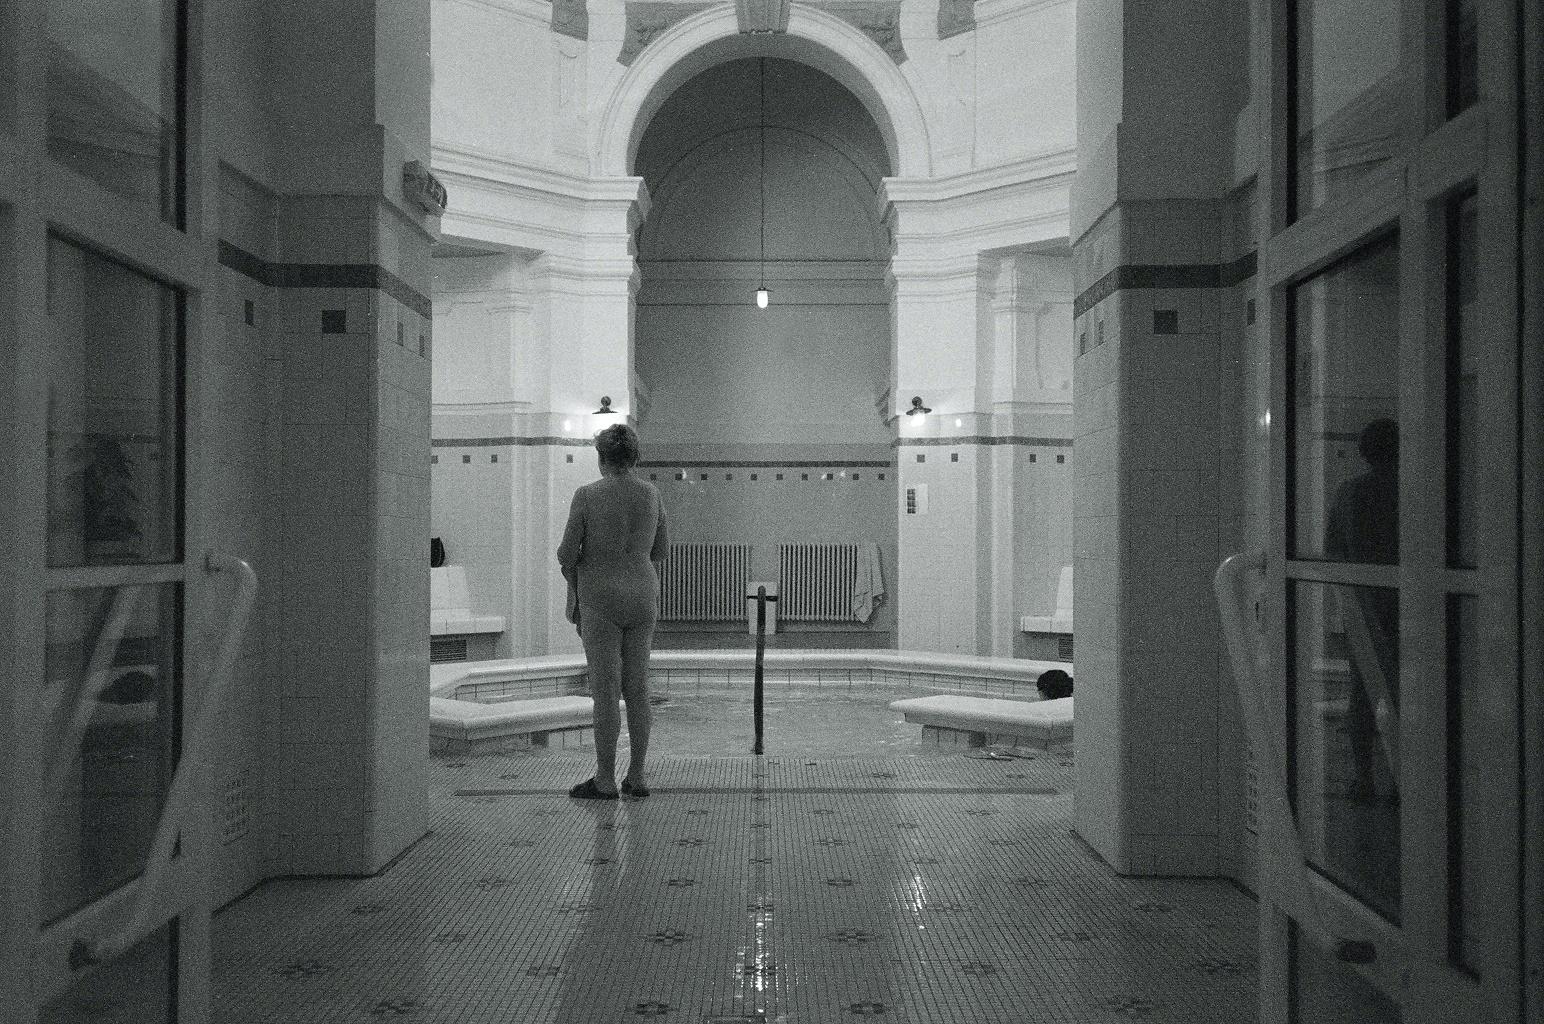 Inside the Baths